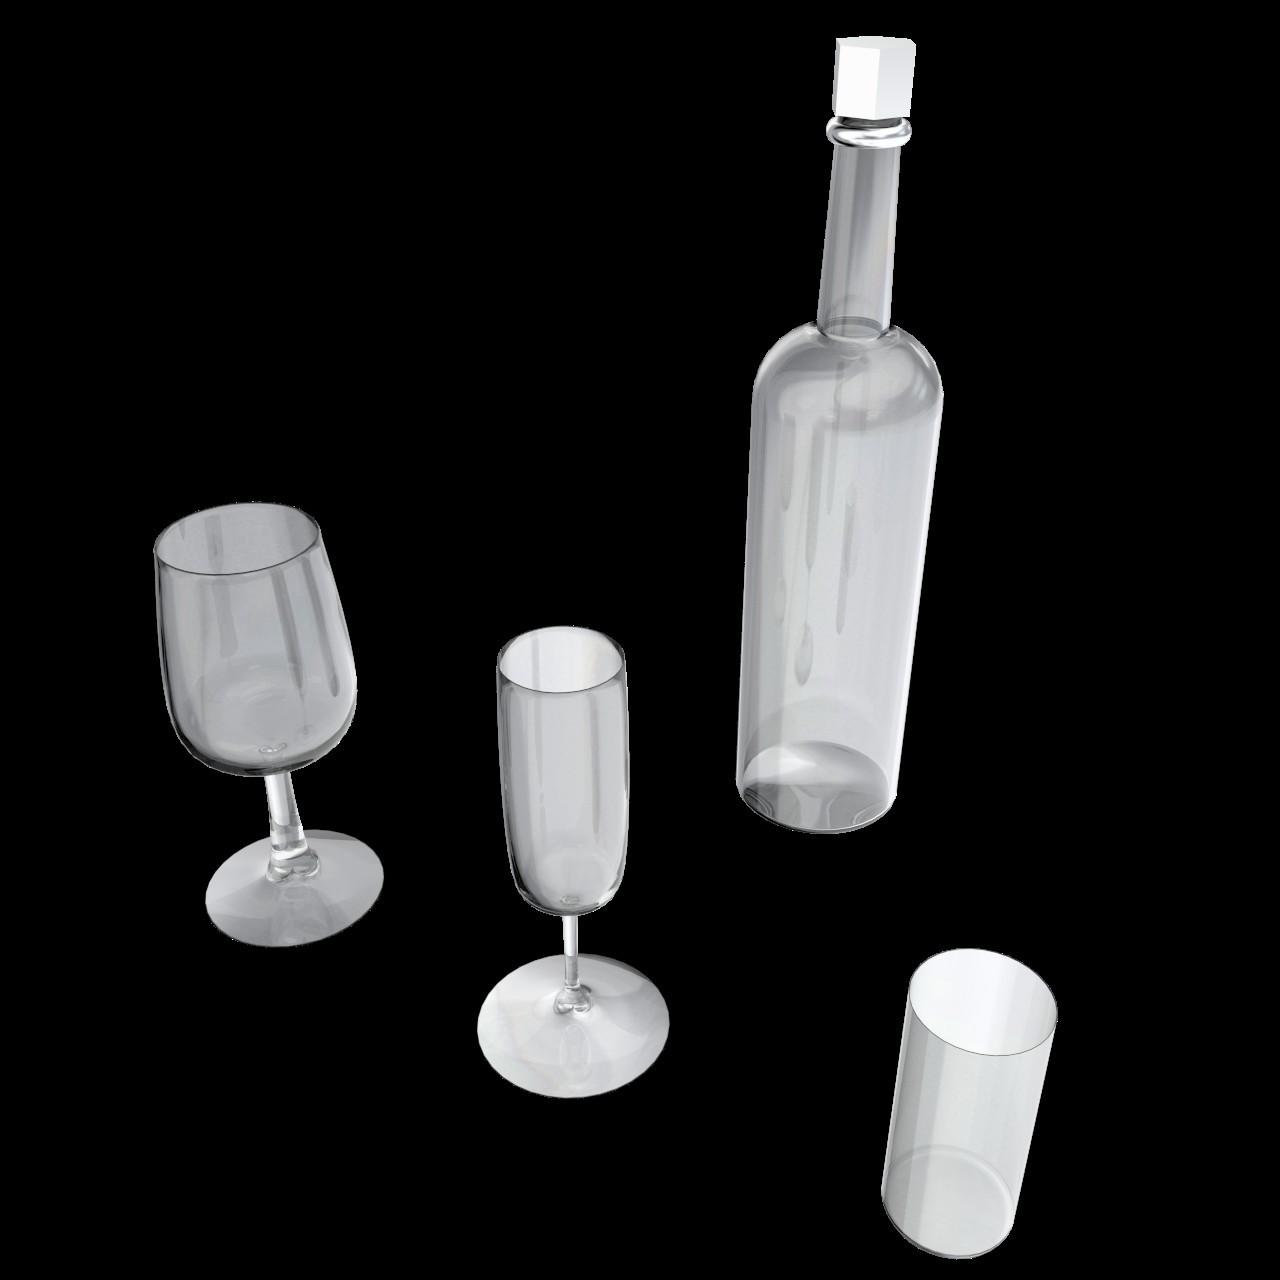 Bottle-and-3-glasses---Screen-00.jpg